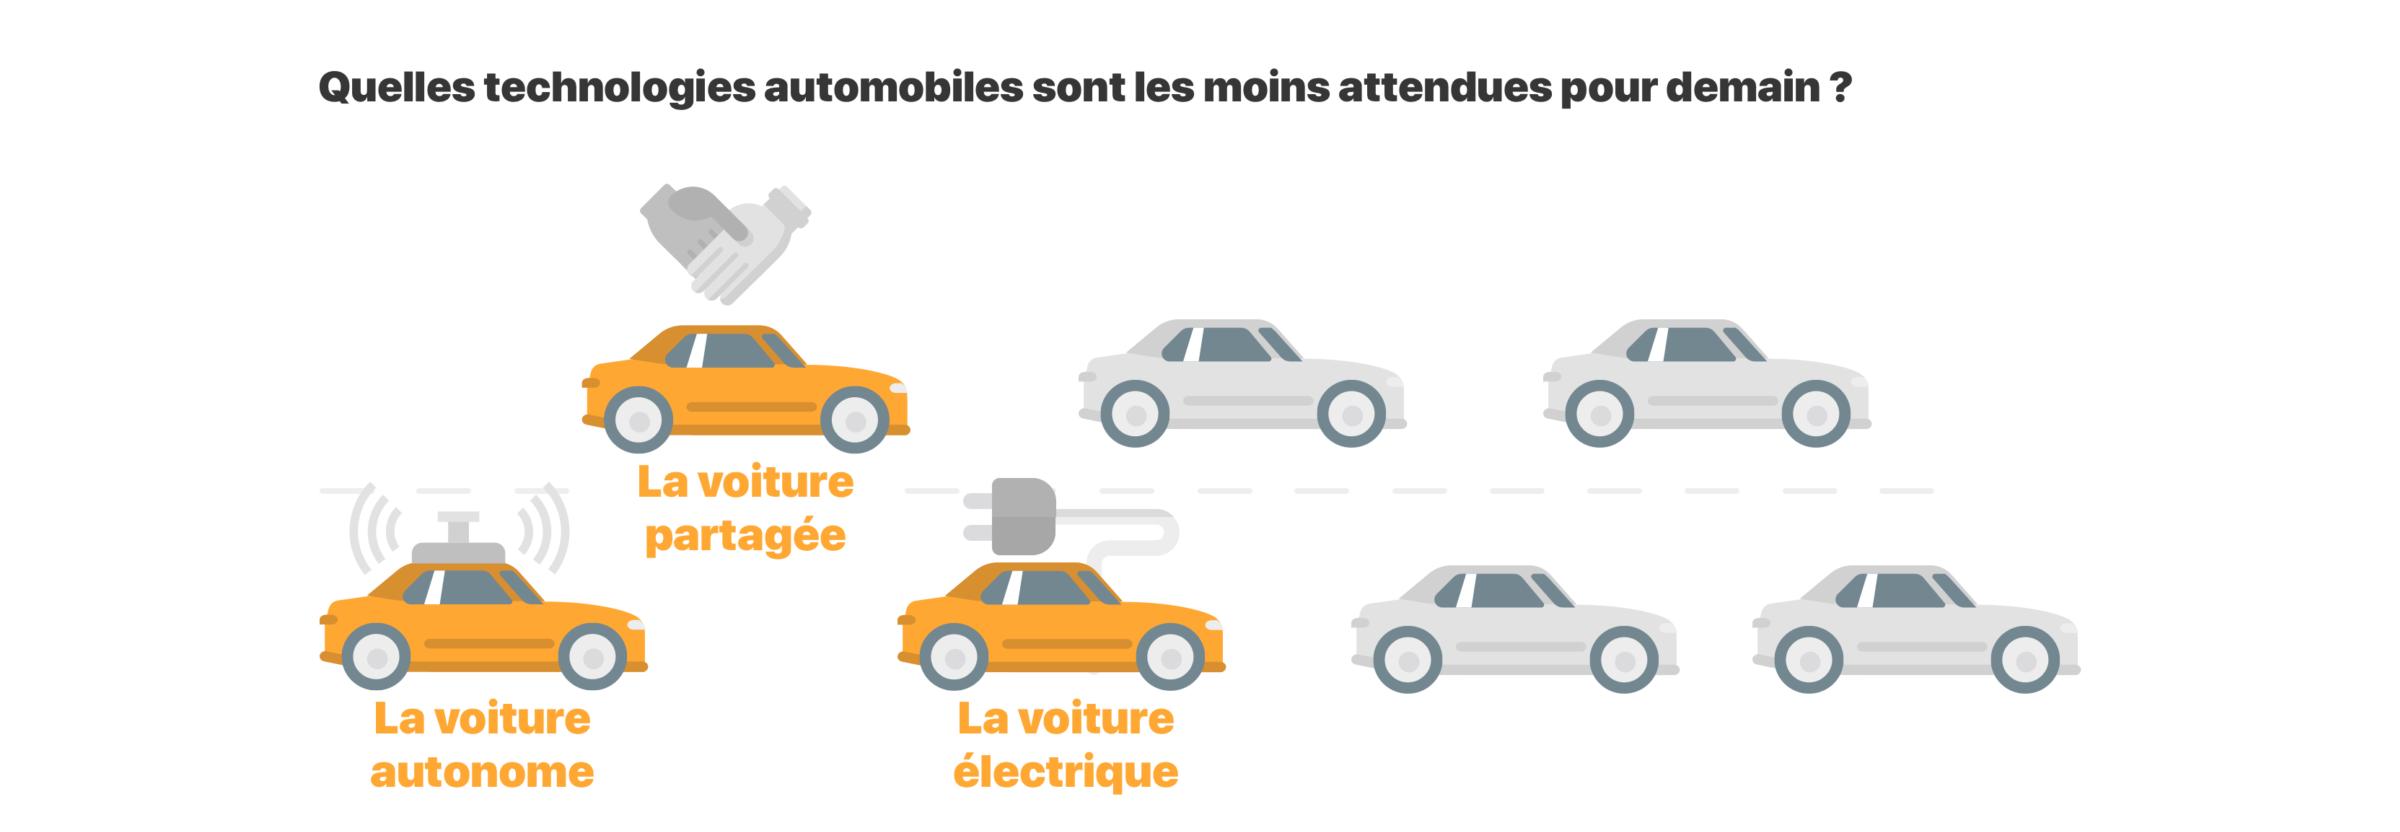 eiver infographie 2020 image 2 vision - Vos habitudes de conduite et votre vision de l'automobile de demain, en images.